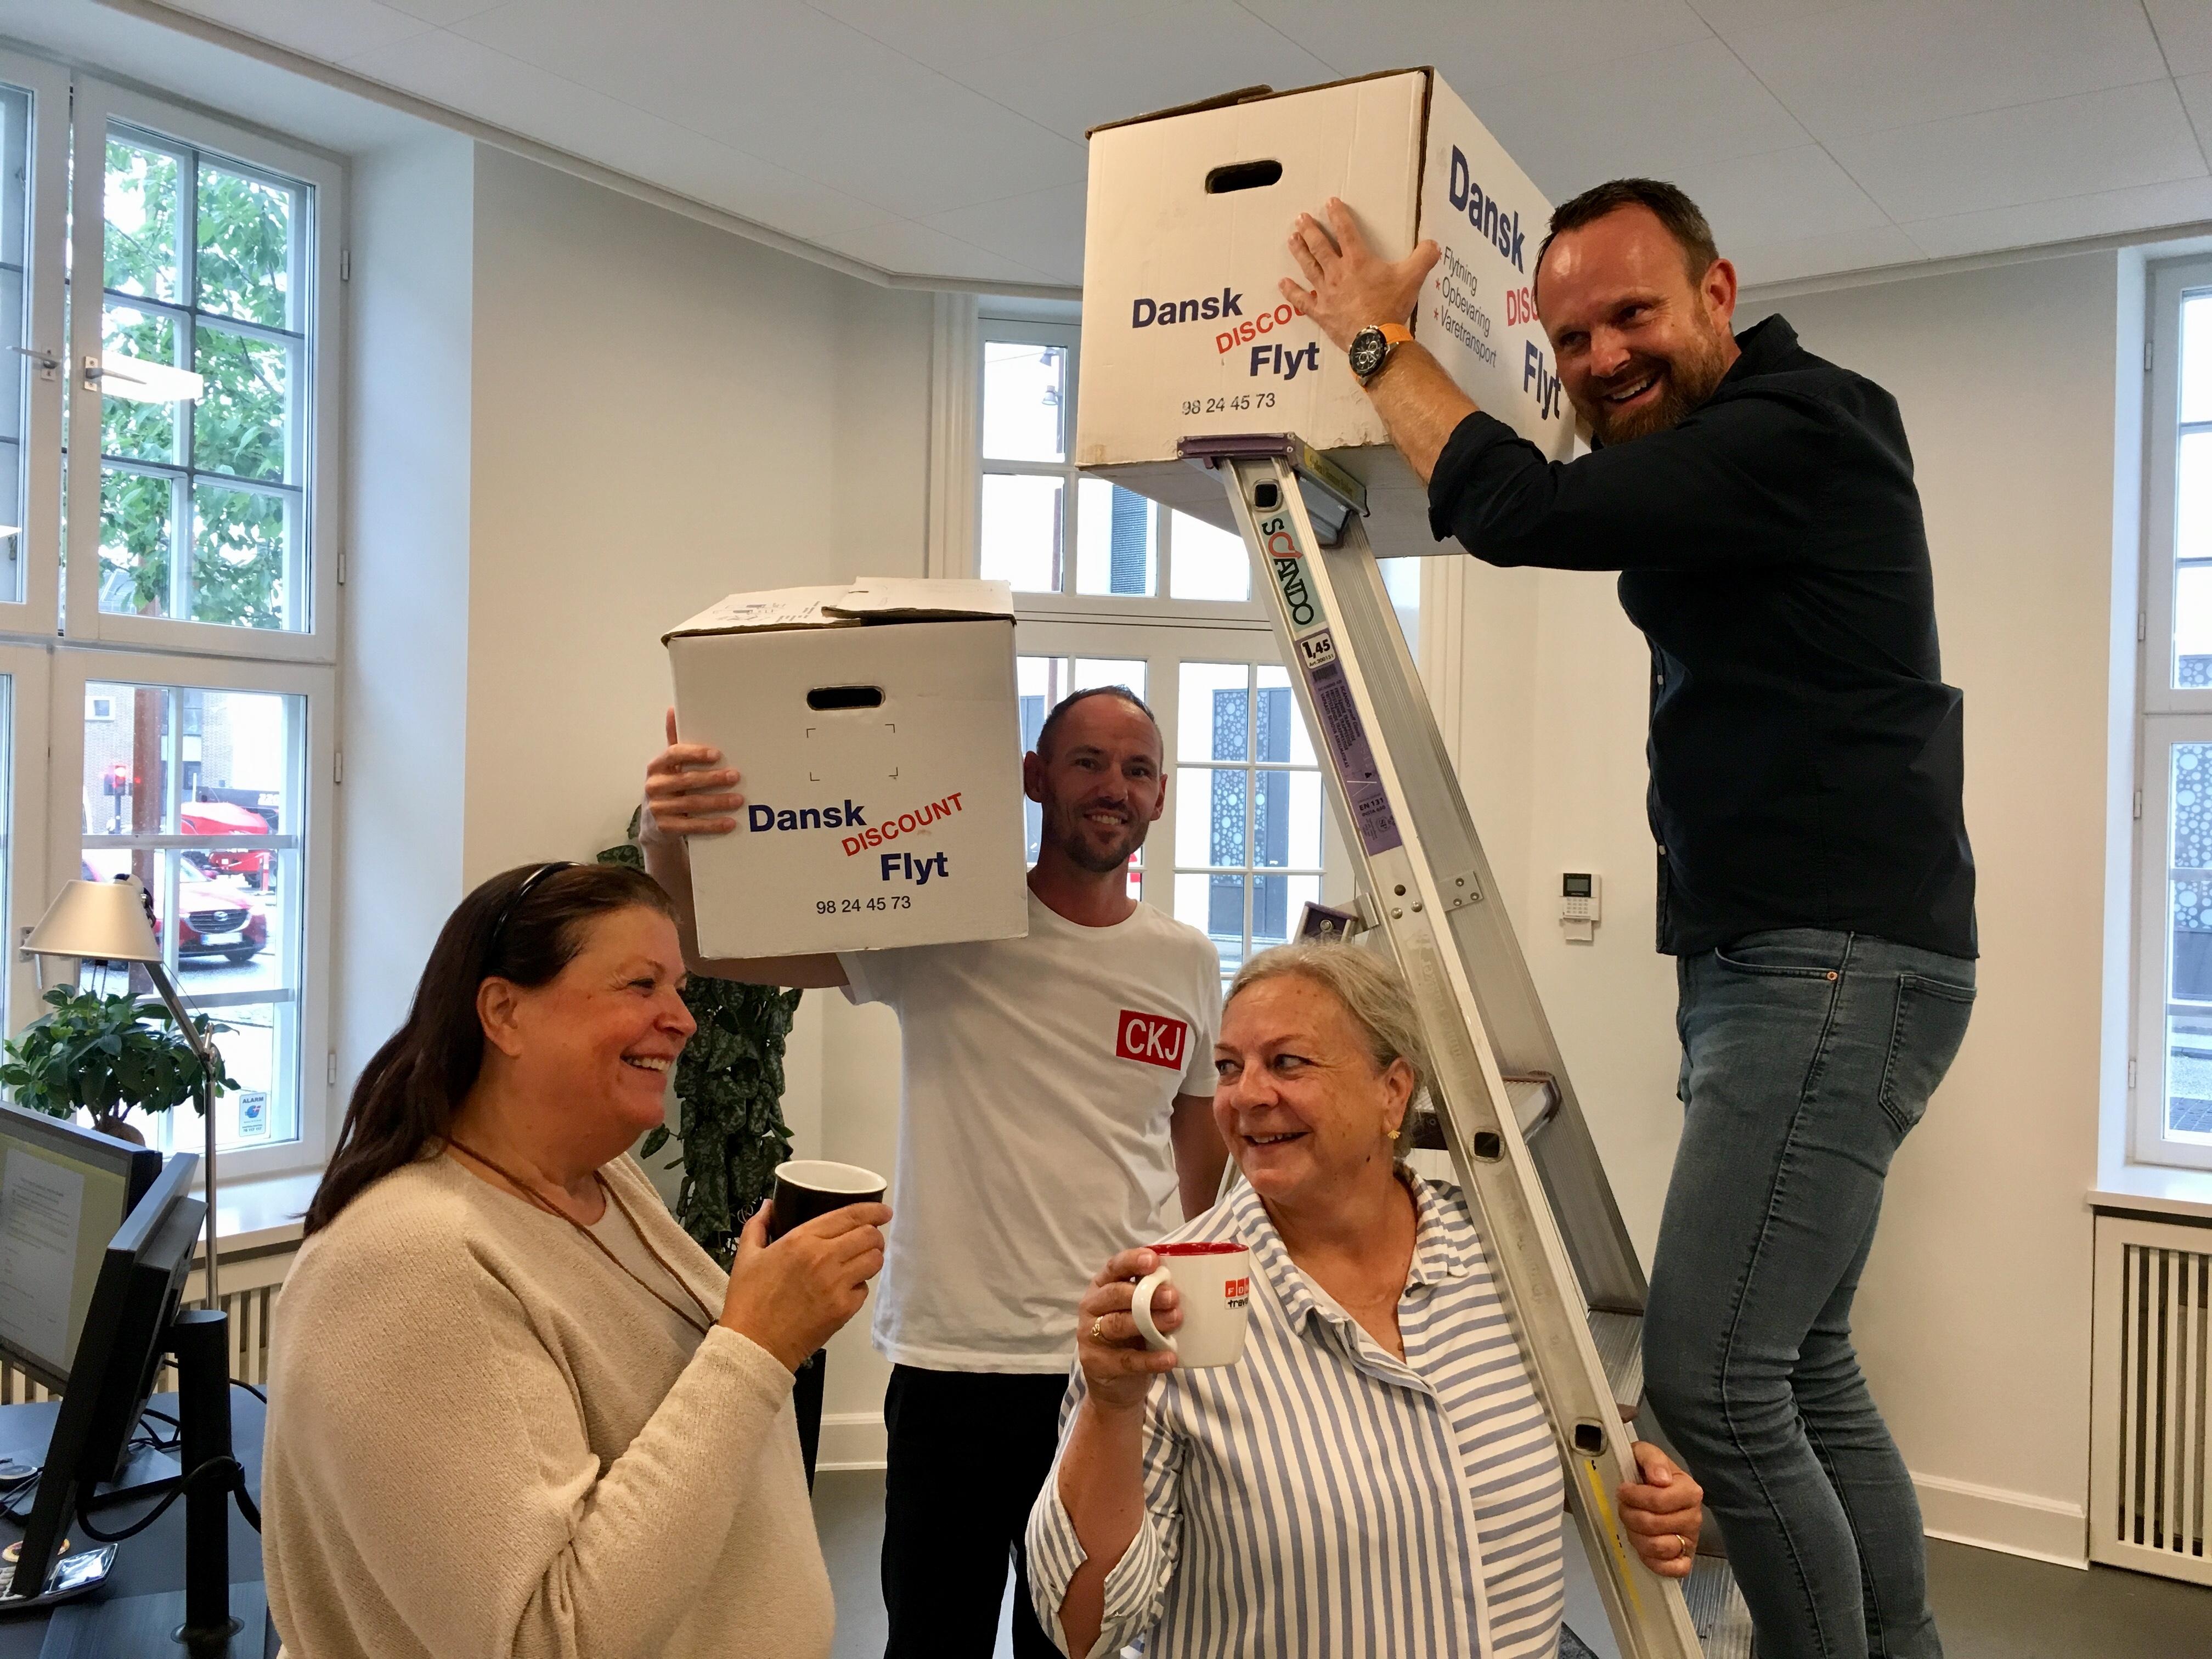 Fire af rejsespecialisterne hos FDM Travel i Aalborg pakker ud i deres nye lokaler, fra venstre Annette Holm, Stefan Fischer (supportchef), Birgit Larsen og Ruddi Joachim Andersen. Foto: FDM Travel.